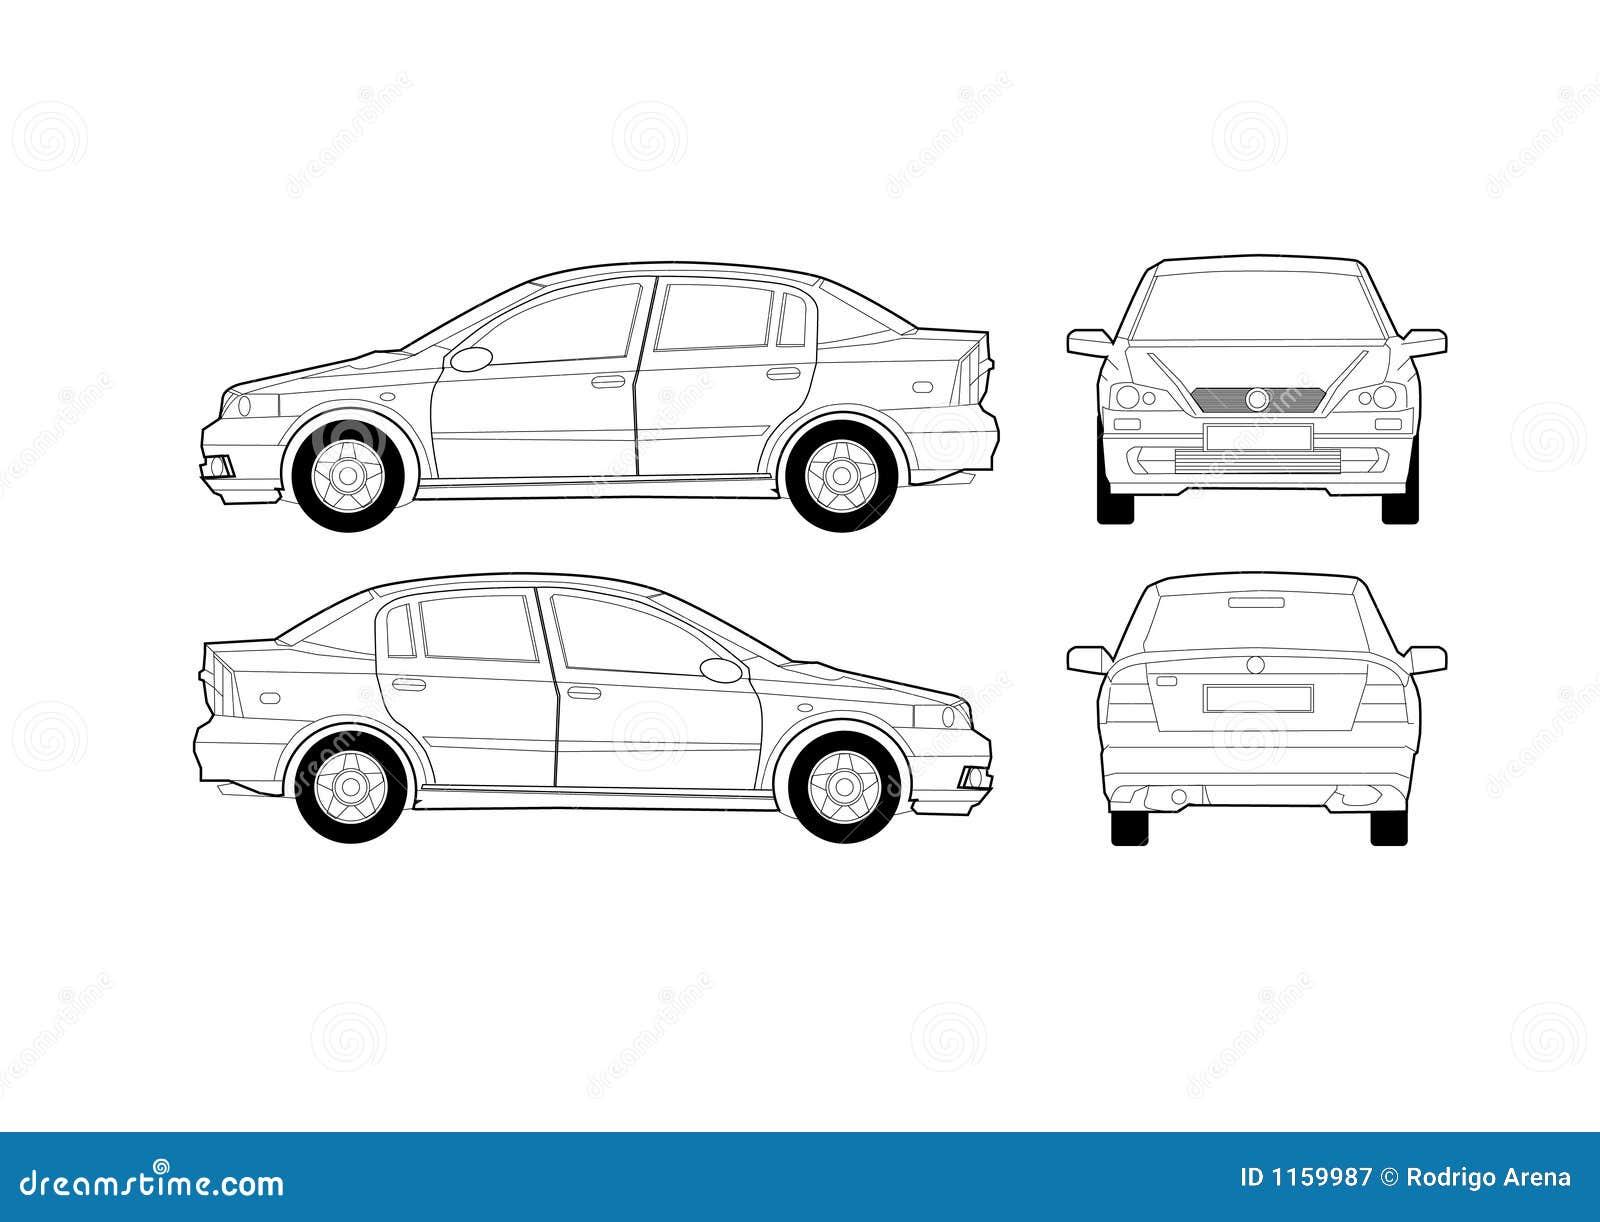 汽车绘制通用交谊厅